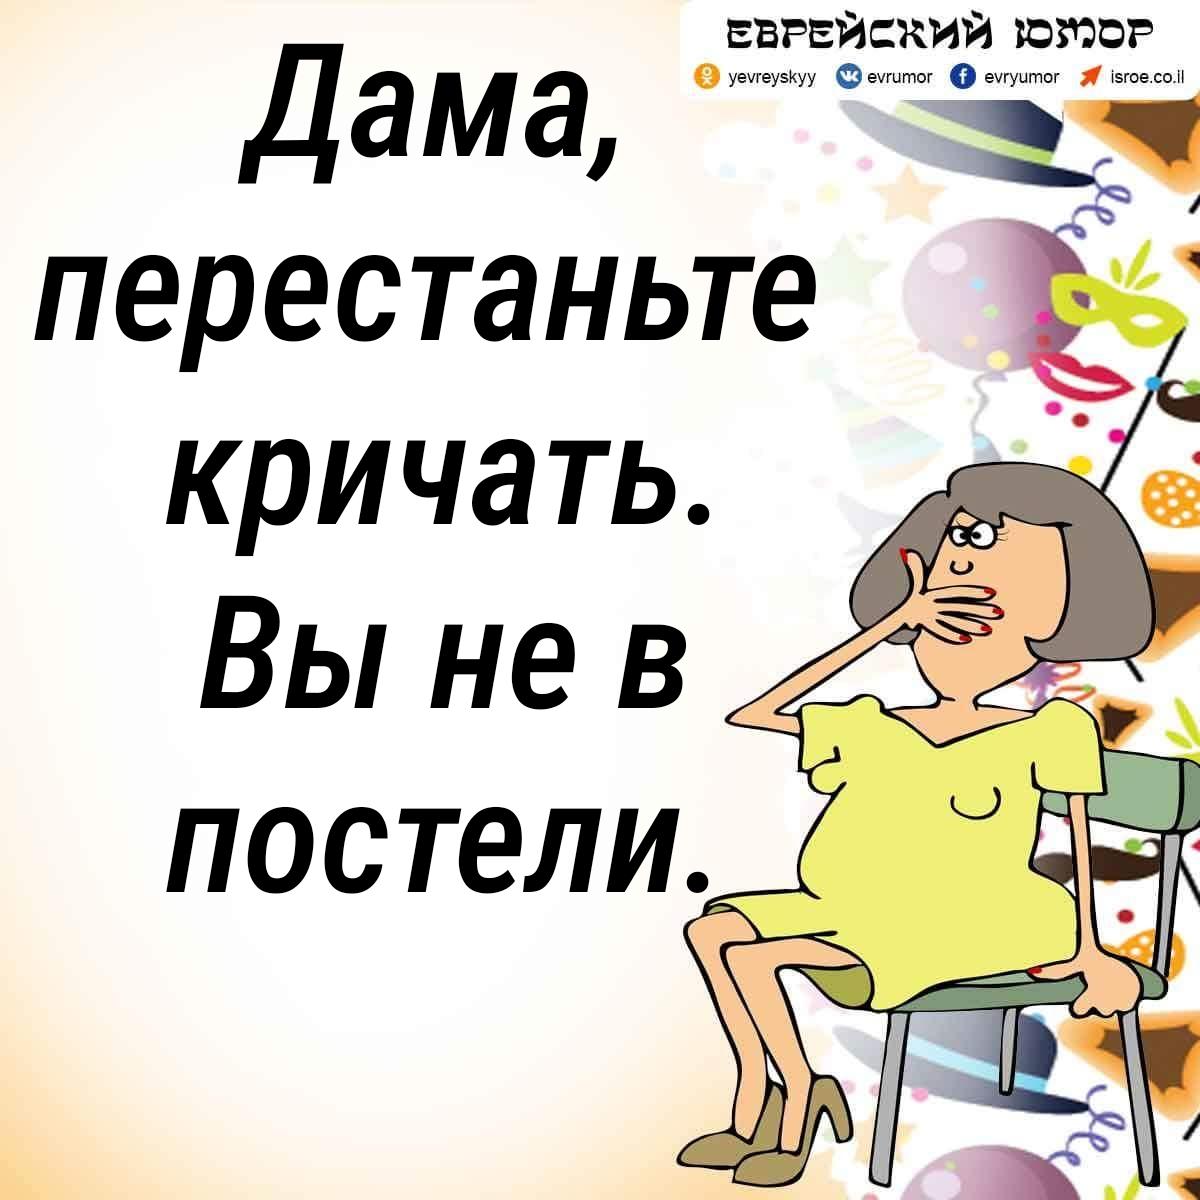 Еврейский юмор. Одесский анекдот. Постель